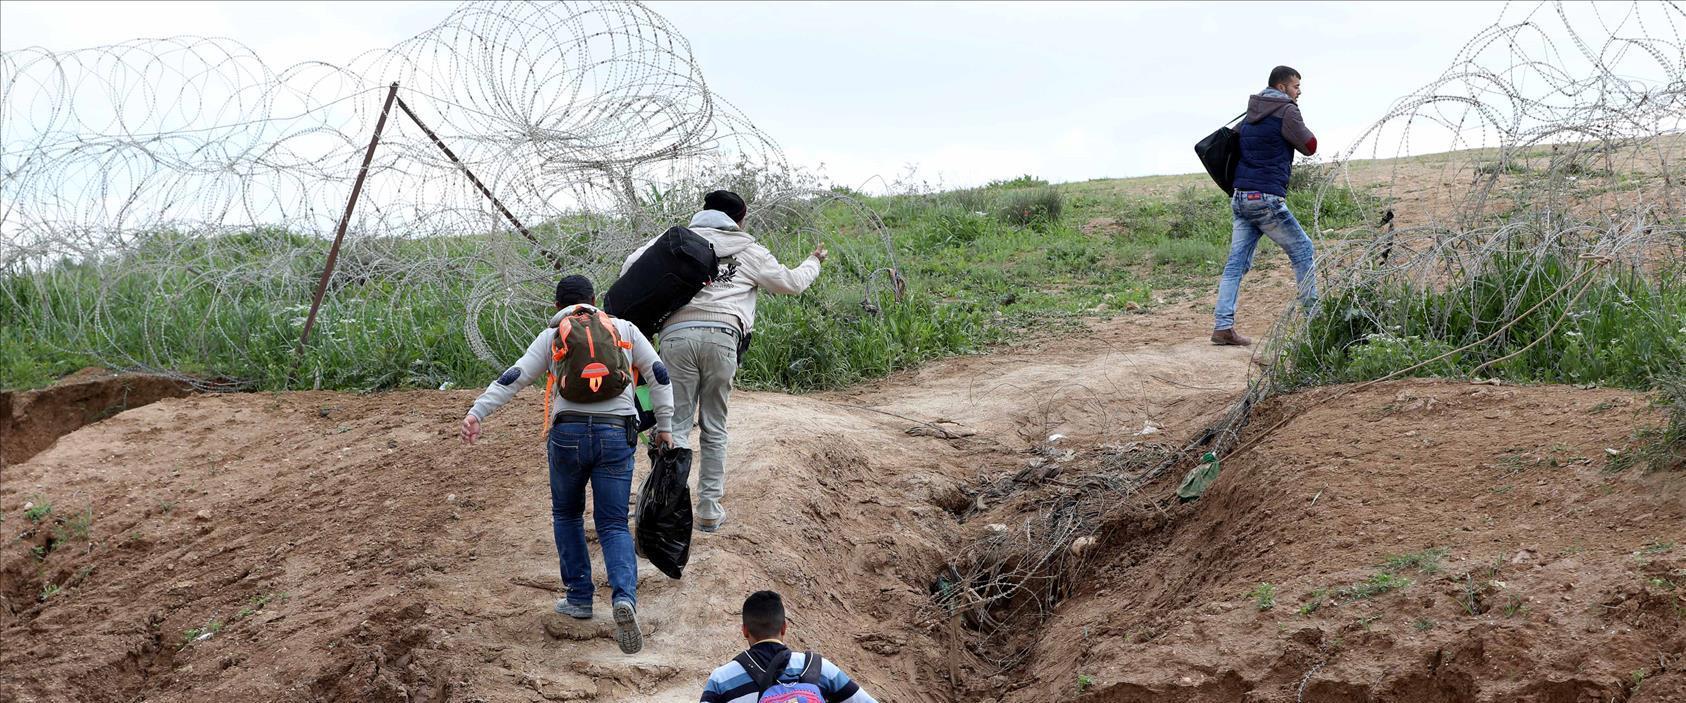 פלסטינים חוצים לתוך ישראל